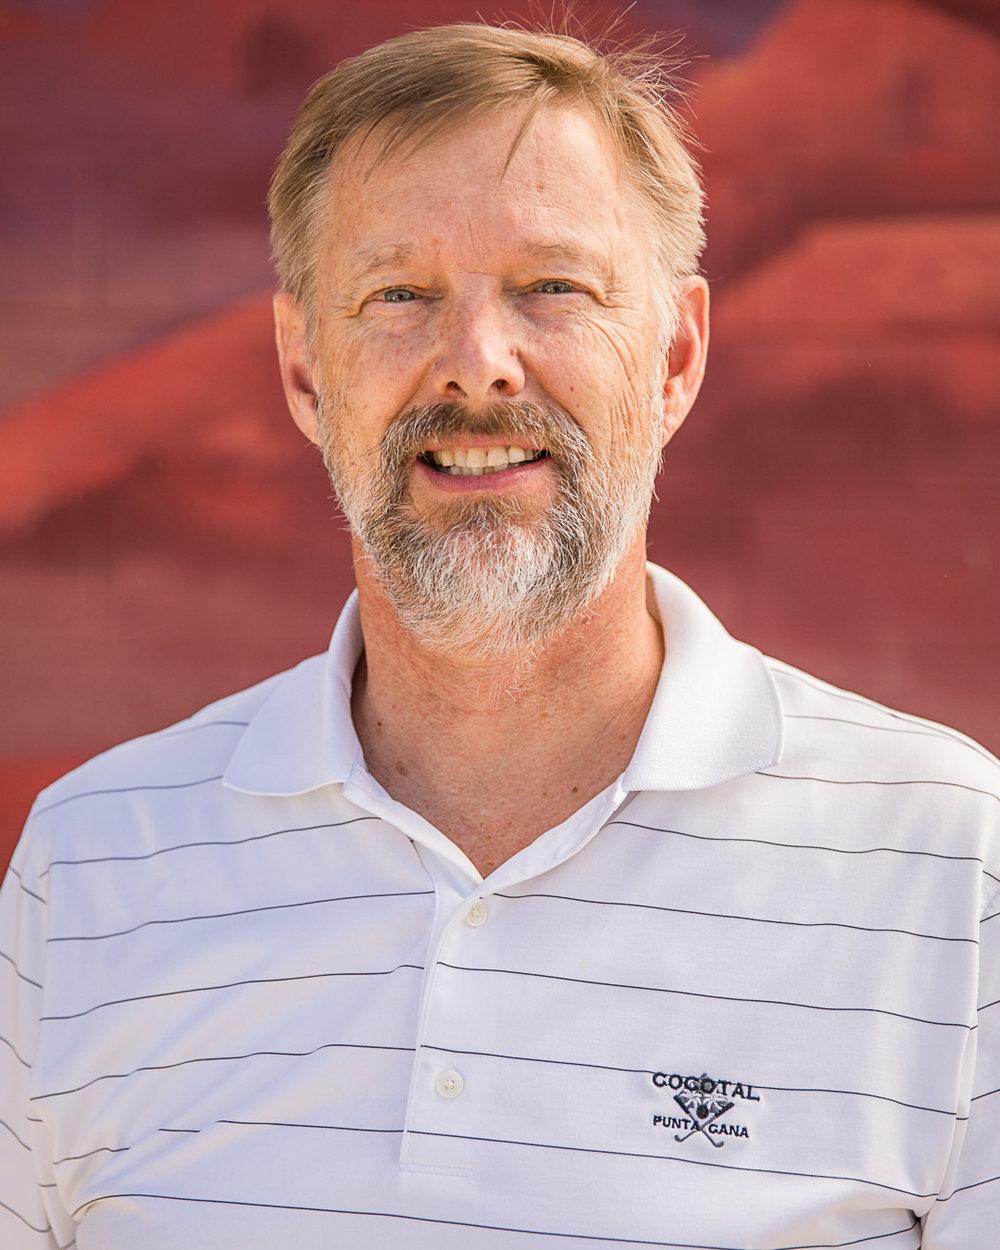 Ron Dunn